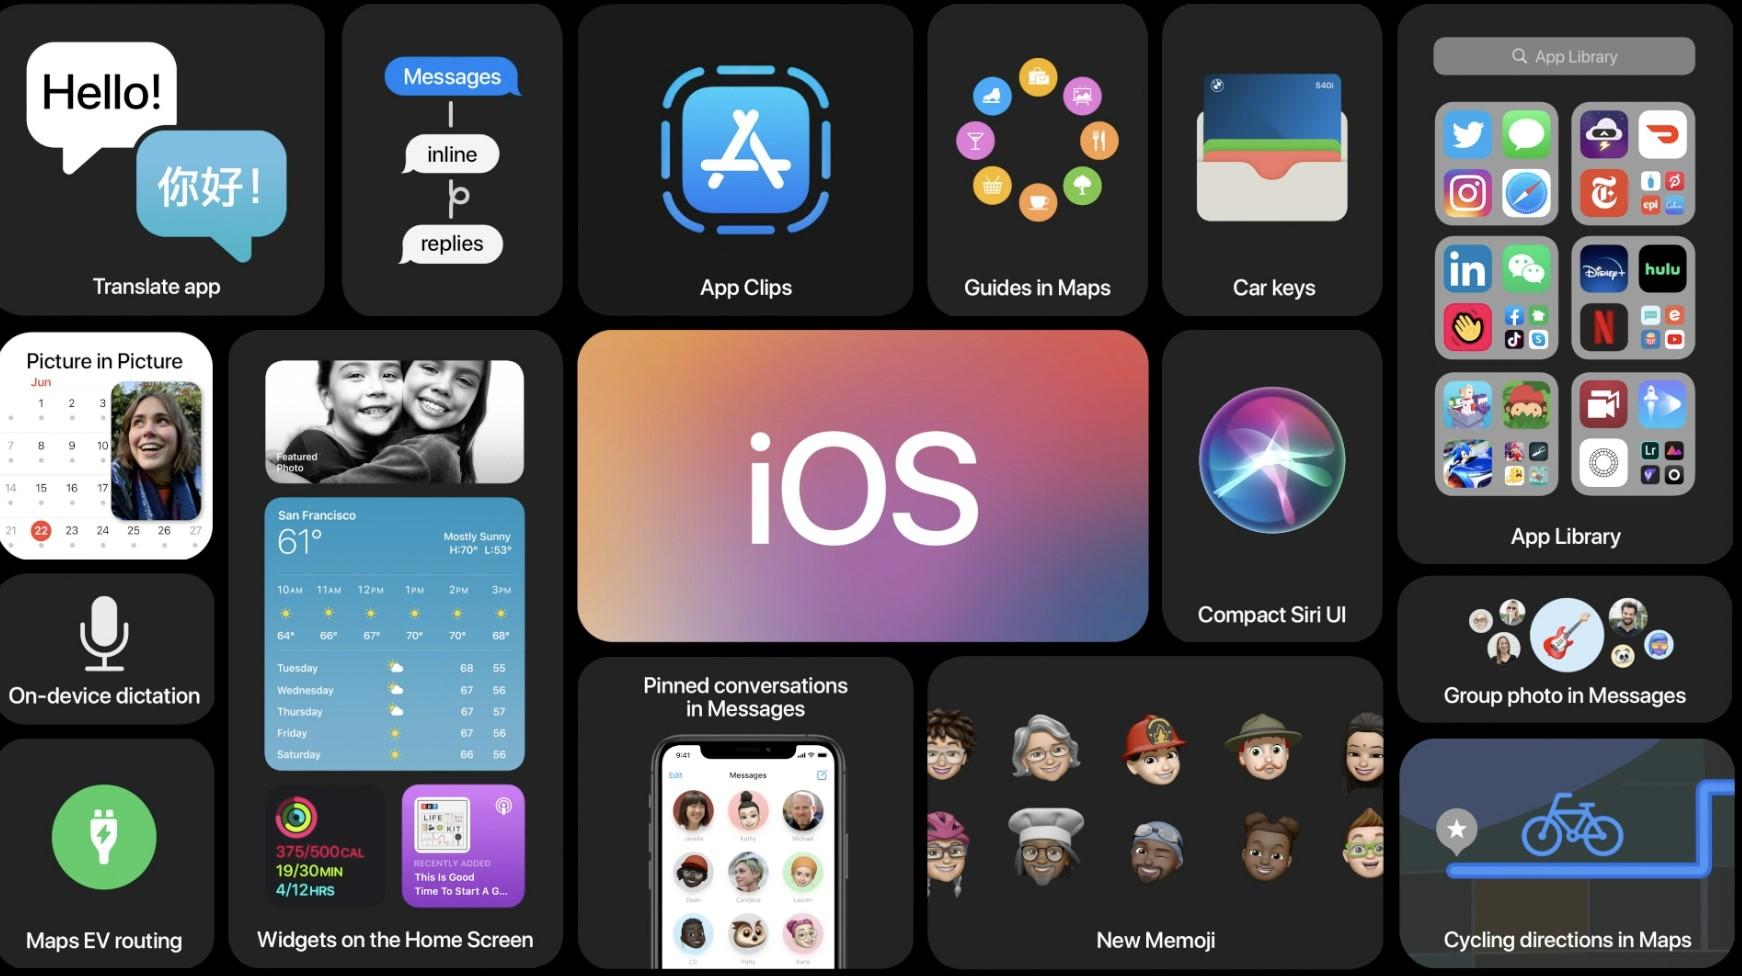 تحديث iOS 14 ، تحميل الإصدار التجريبي ، المميزات ، وأجهزة iPhone المدعومة